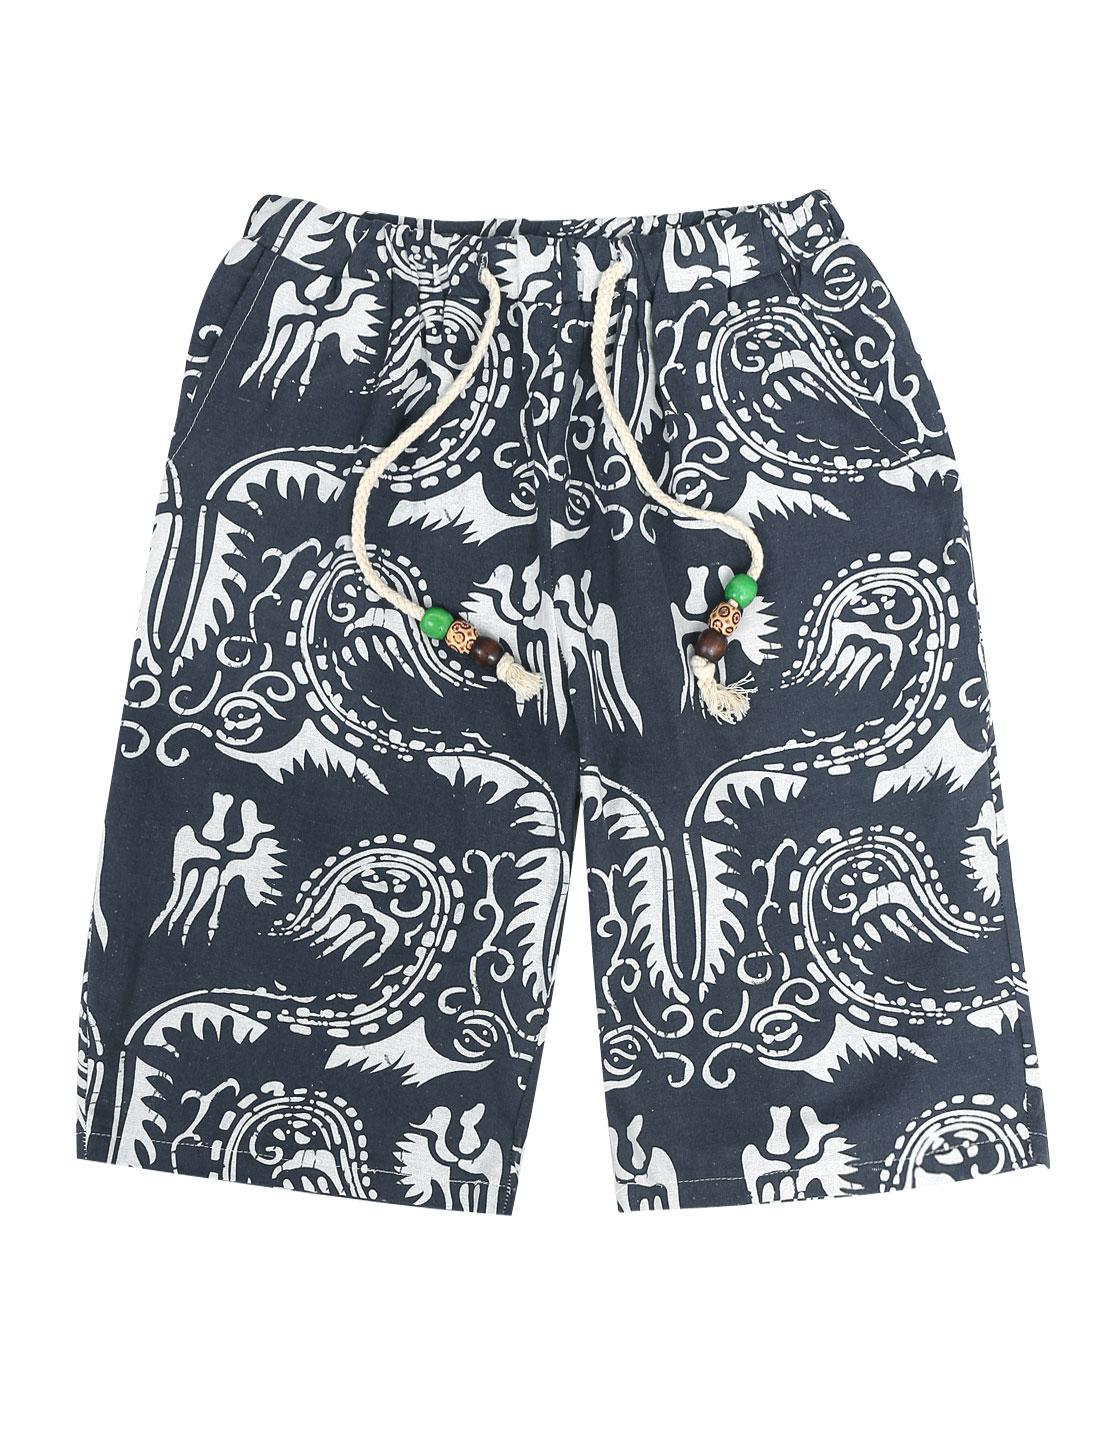 Men Summer Stretchy Drawcord Waist Novelty Prints Shorts White Navy Blue W30